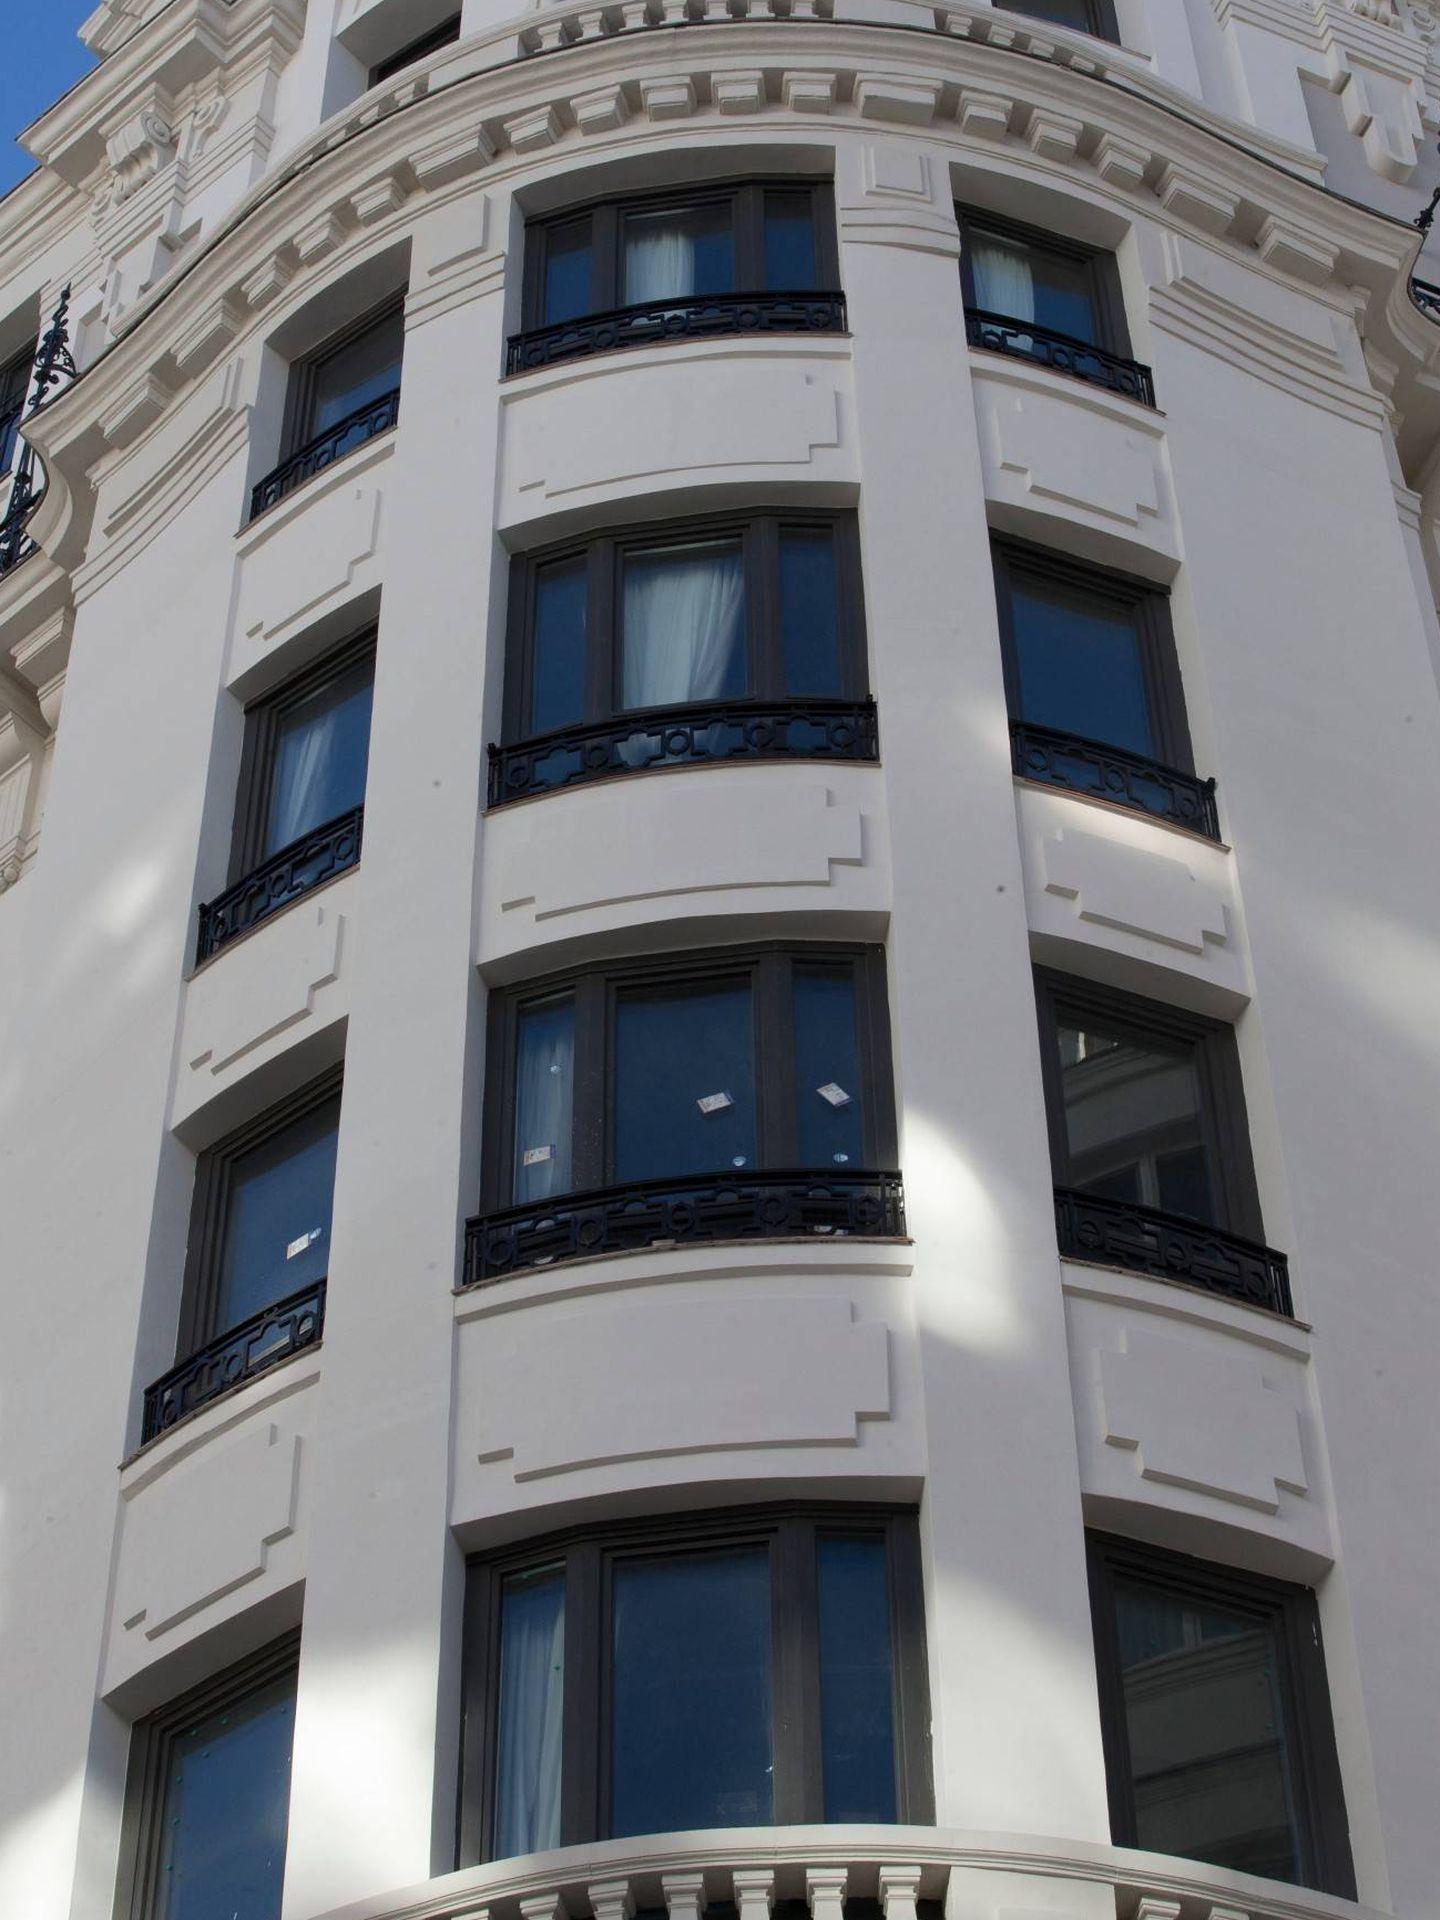 Otro ángulo de la fachada. (Foto: José Martín)